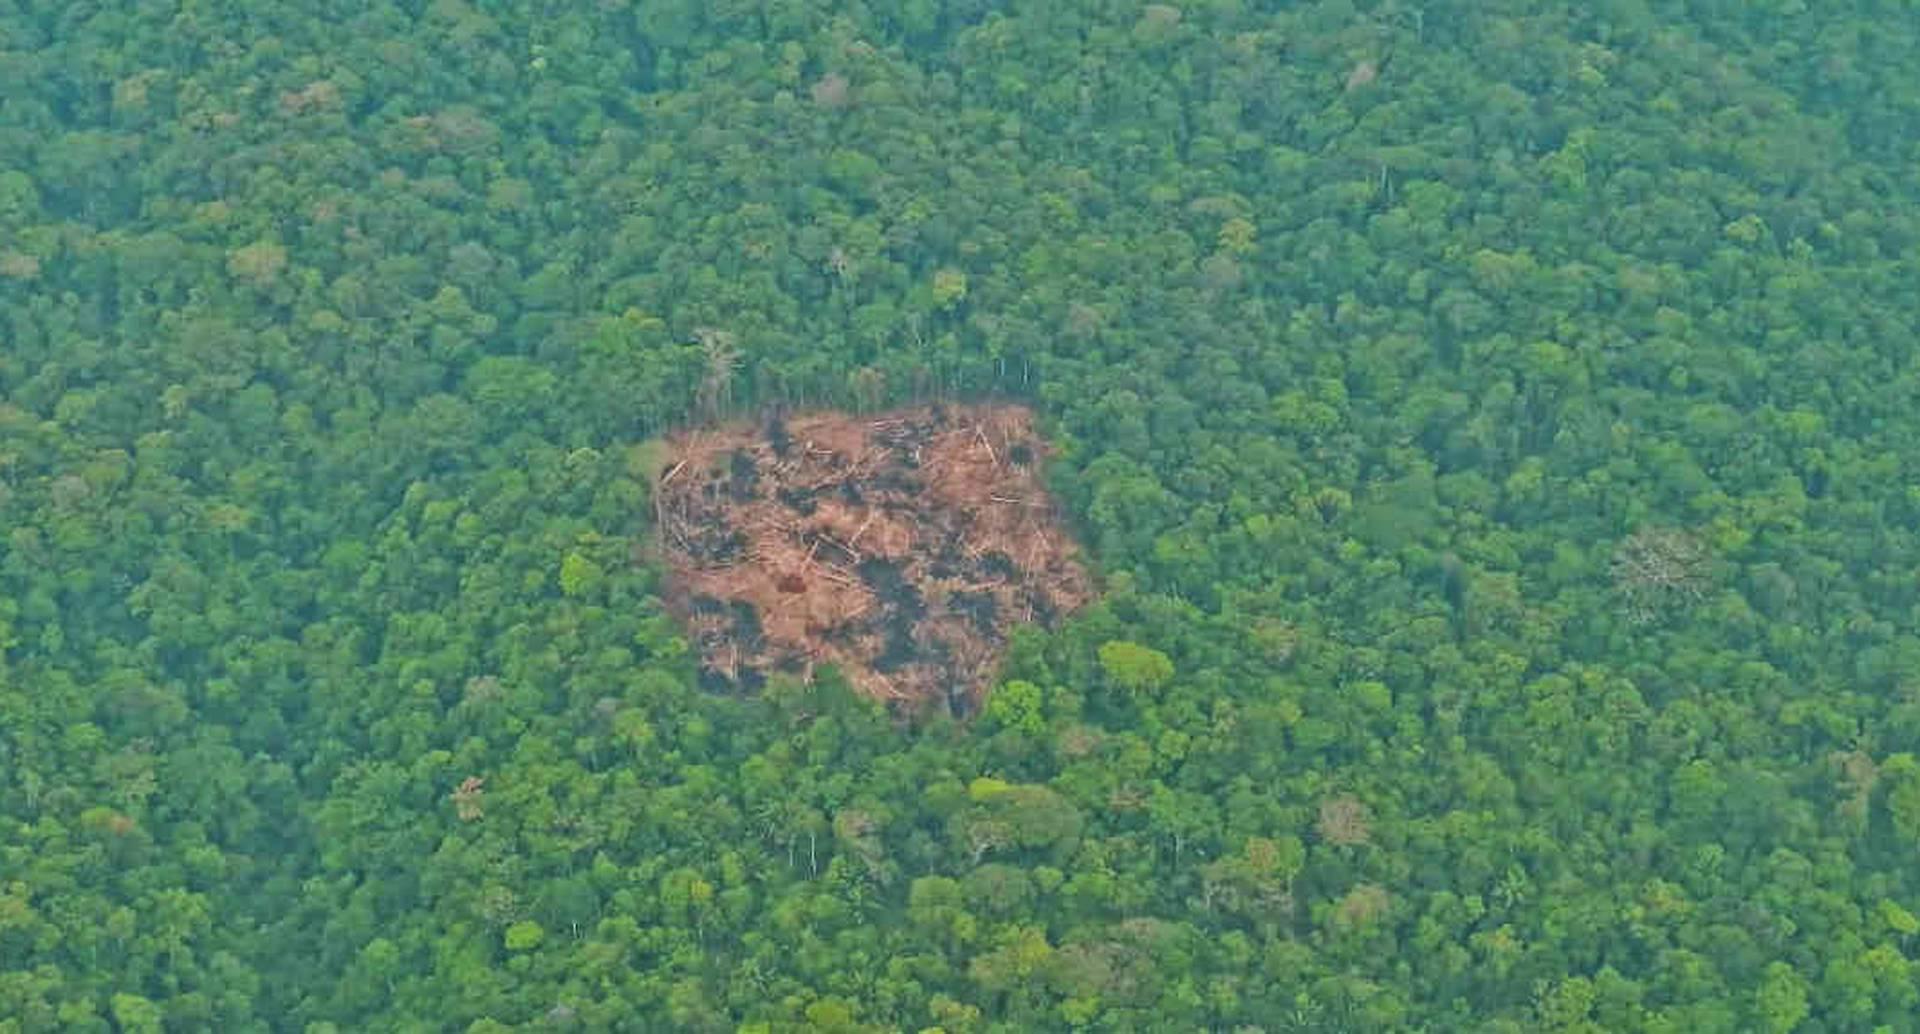 La Serranía de La Macarena se ha convertido en foco de deforestación en los últimos años por parte de mafias acaparadoras de tierras.